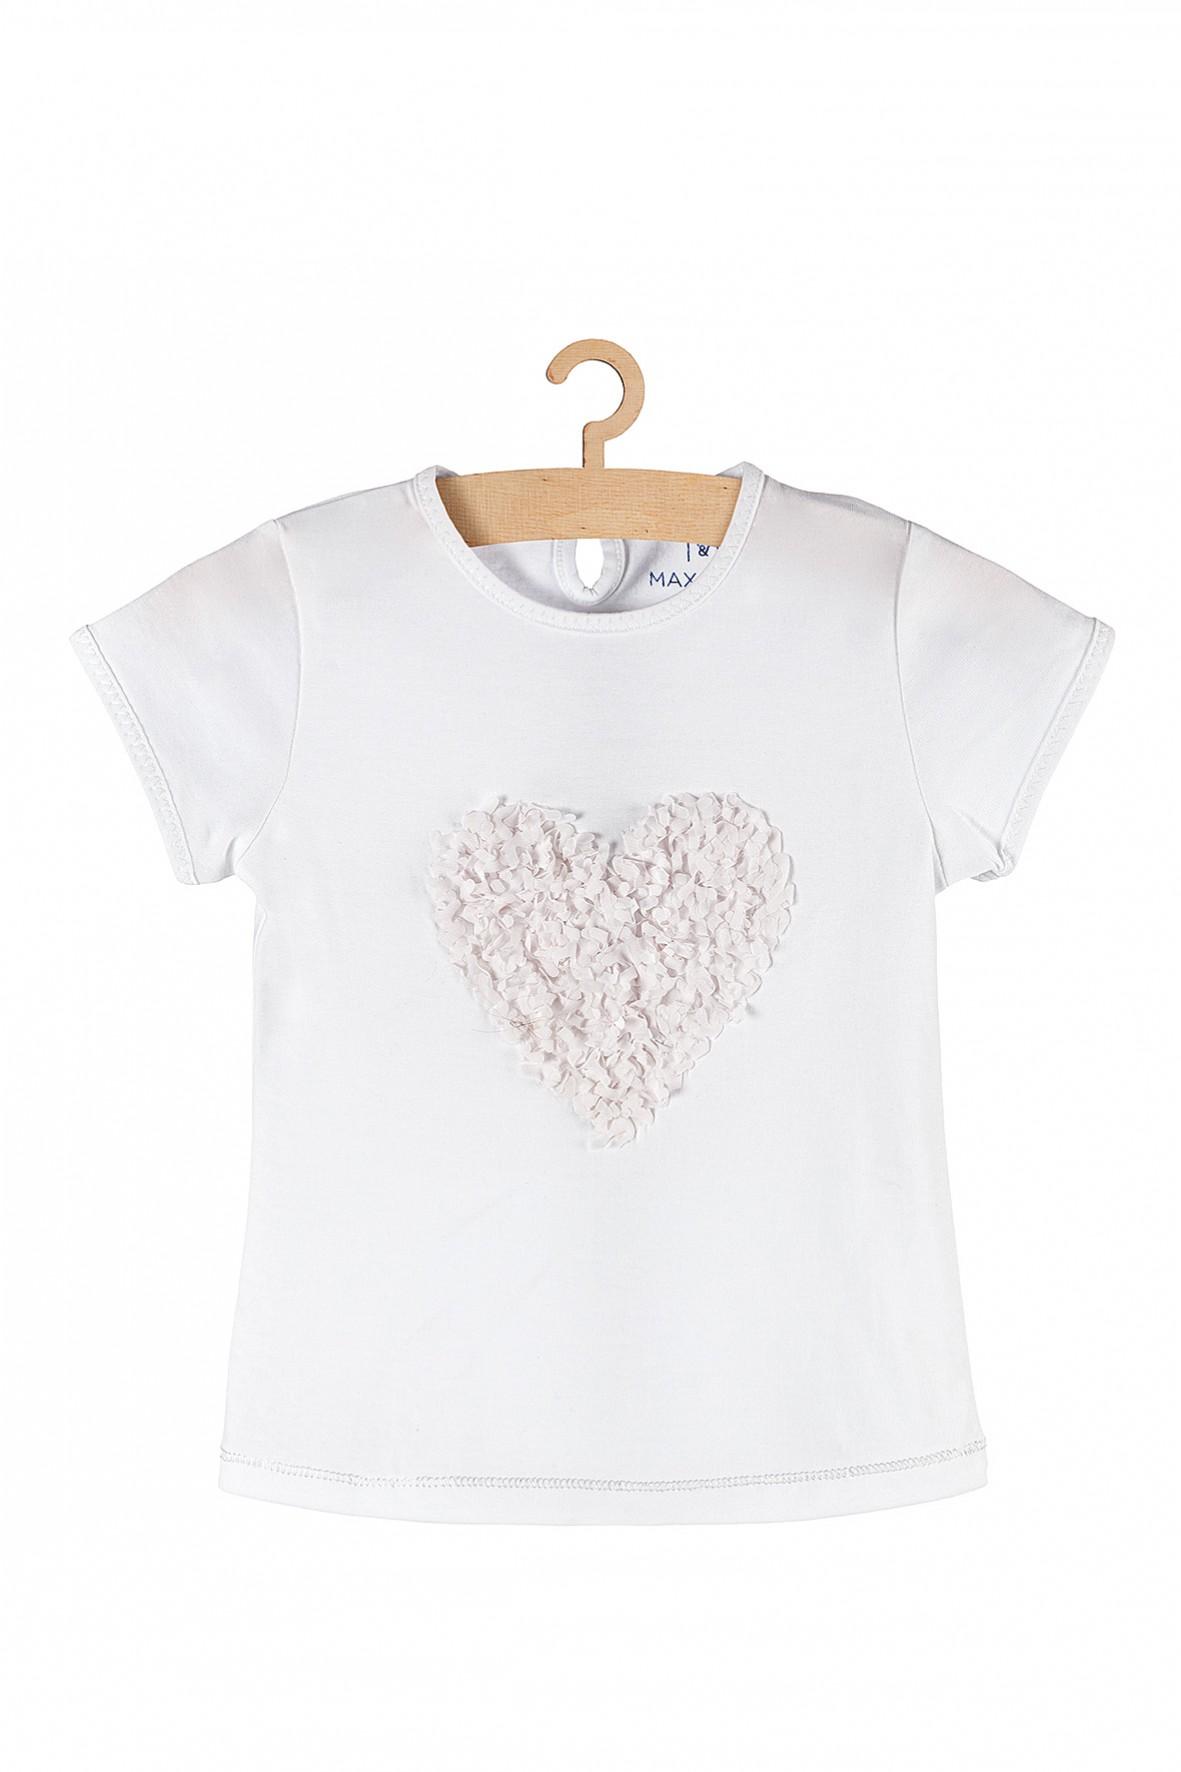 T-shirt dziewczęcy biały z serduszkiem